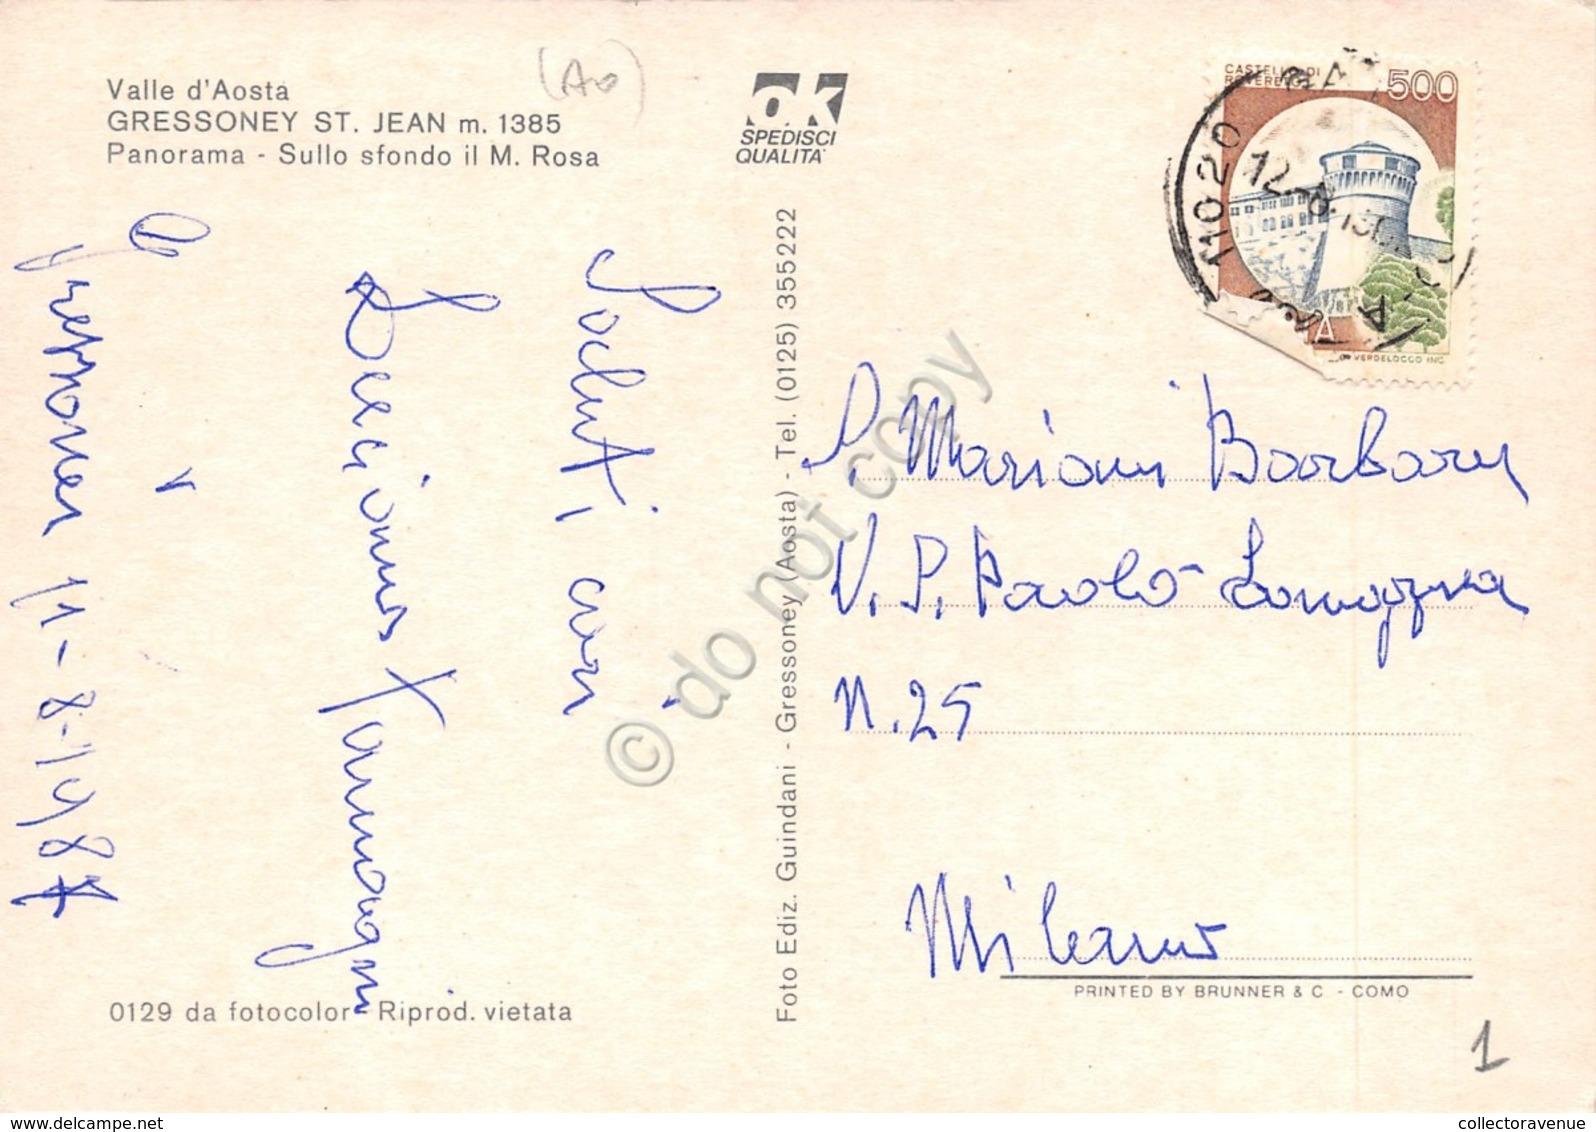 Cartolina Gressoney St. Jean Panorama 1987 - Italy